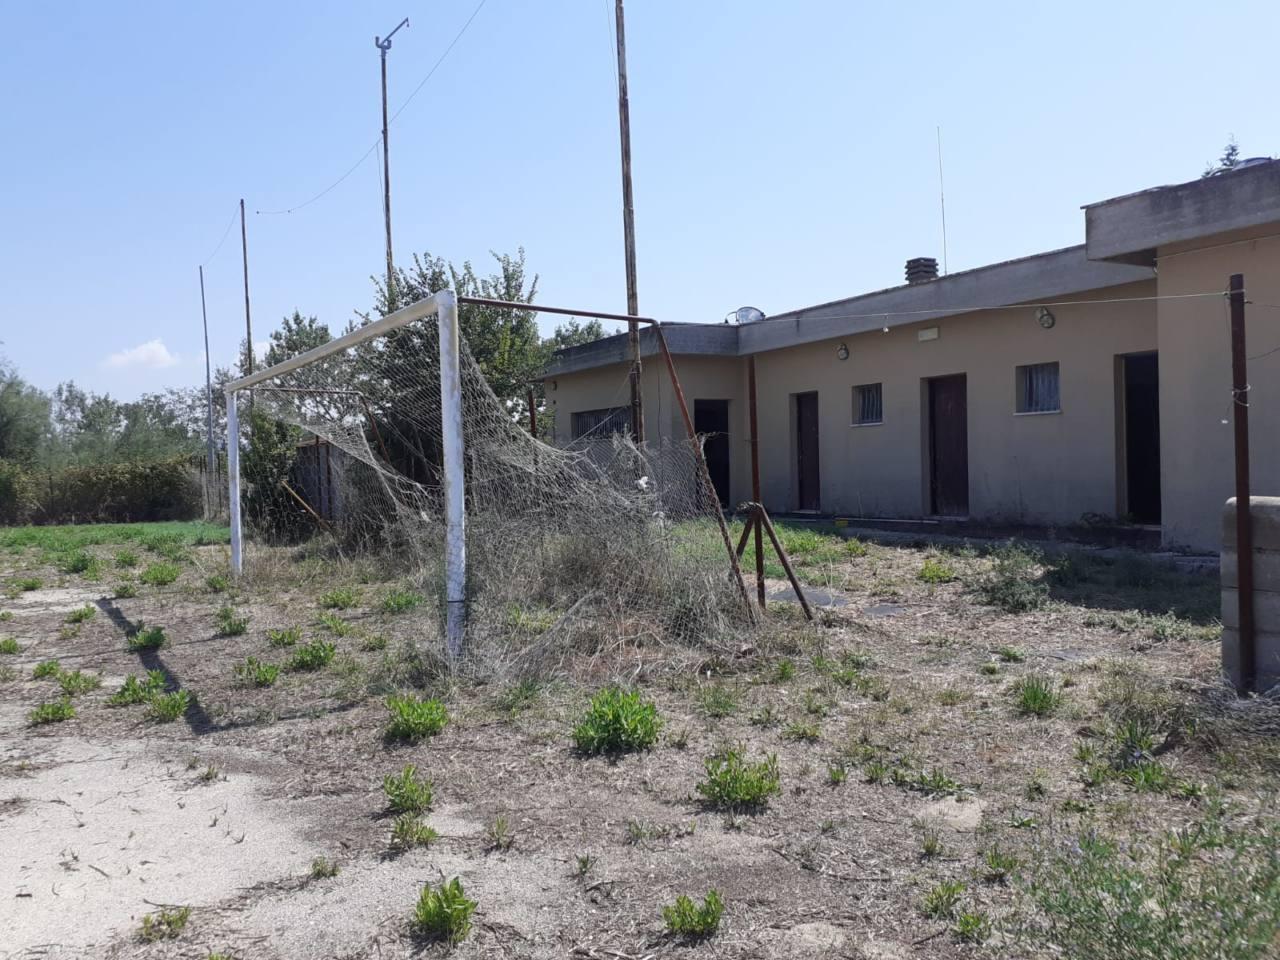 Le condizioni dell'impianto da calcio di via Mazzangrugno, candidato a sede dell'oasi felina